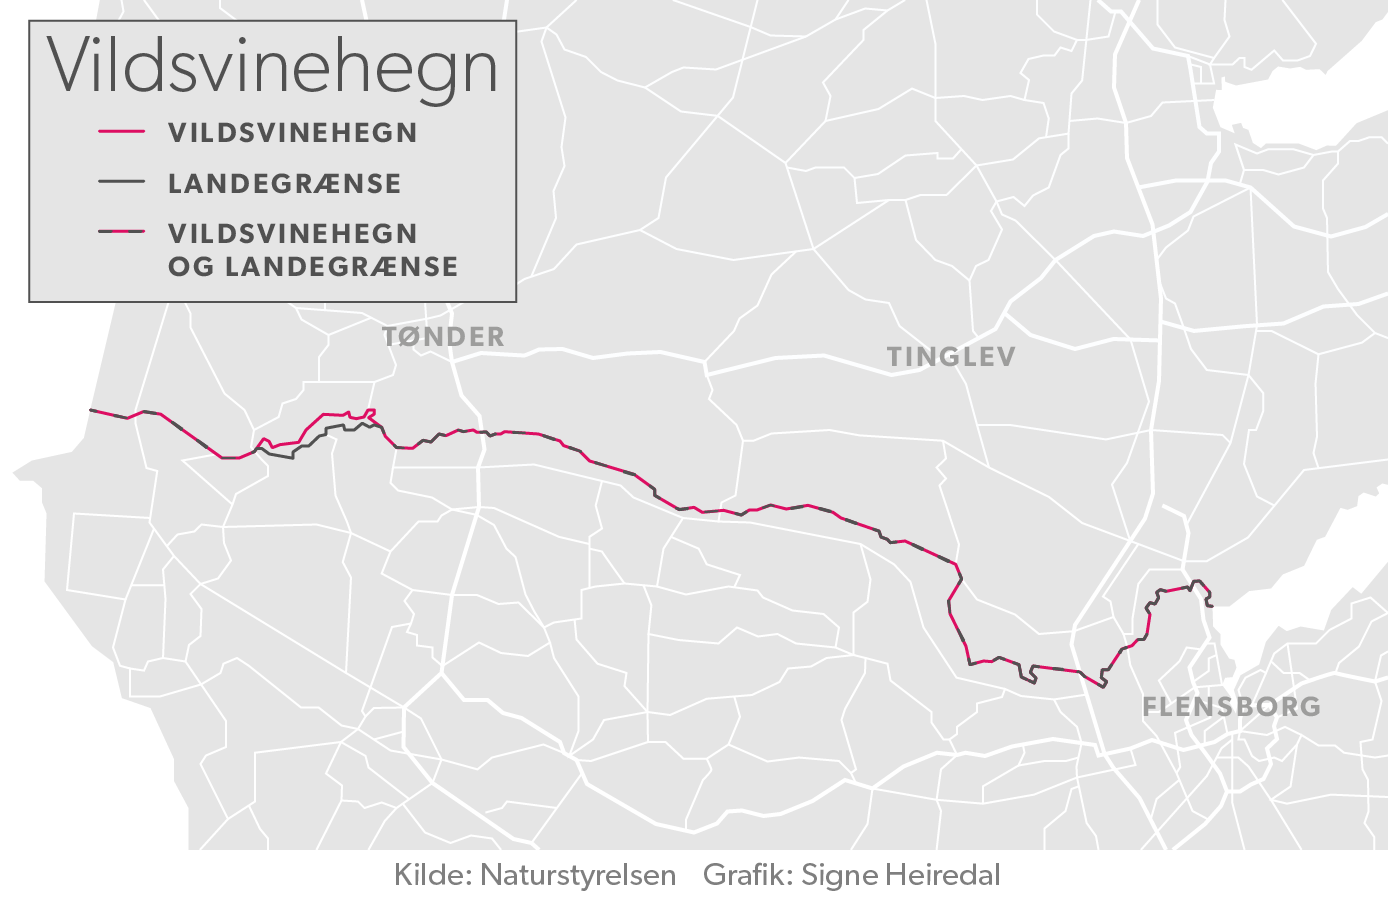 Vildsvinehegnet skal stort set følge den dansk-tyske grænse.